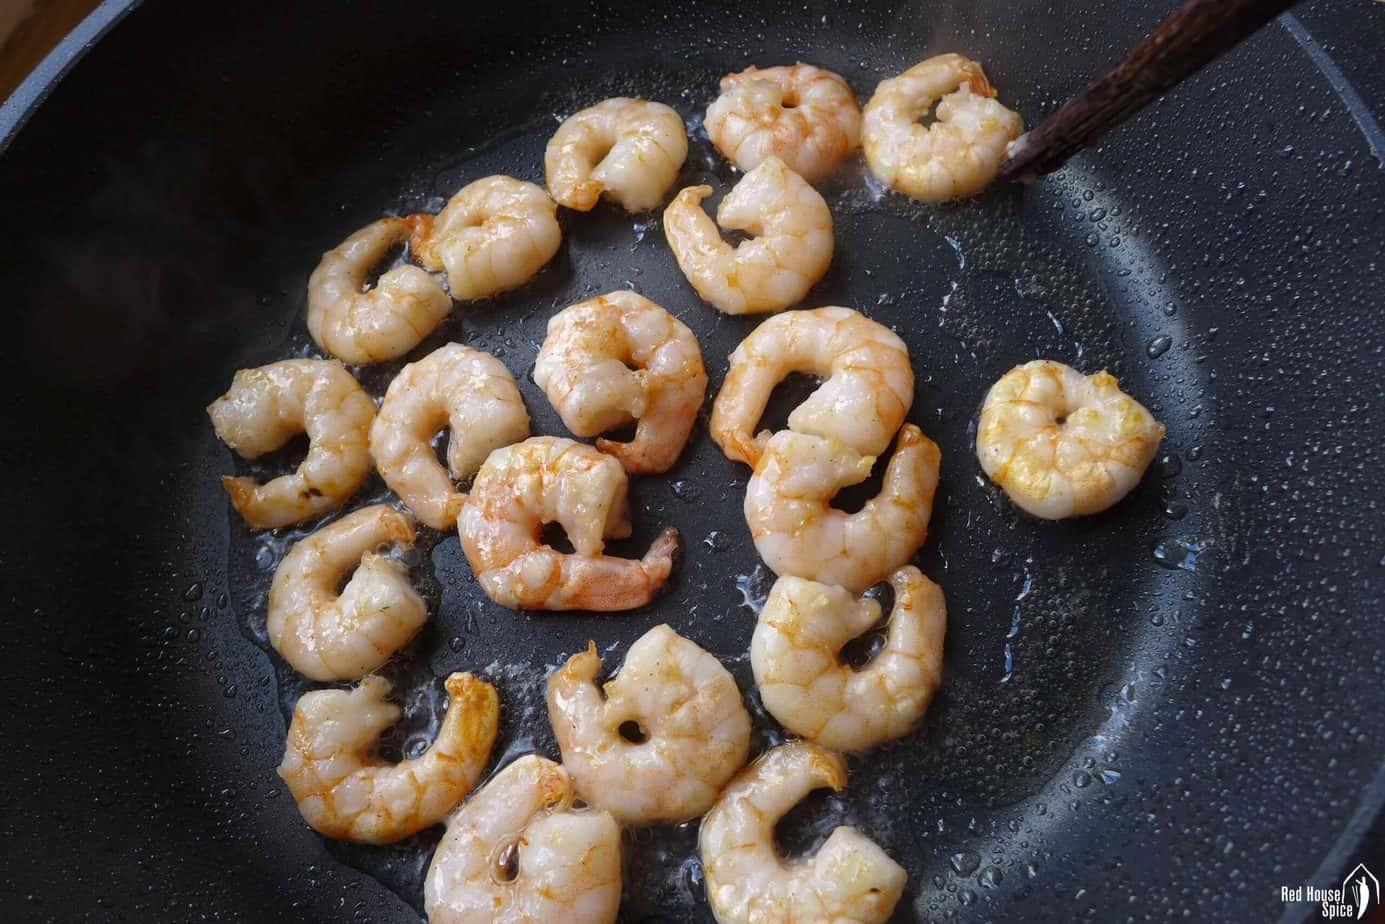 Pan-frying shrimp